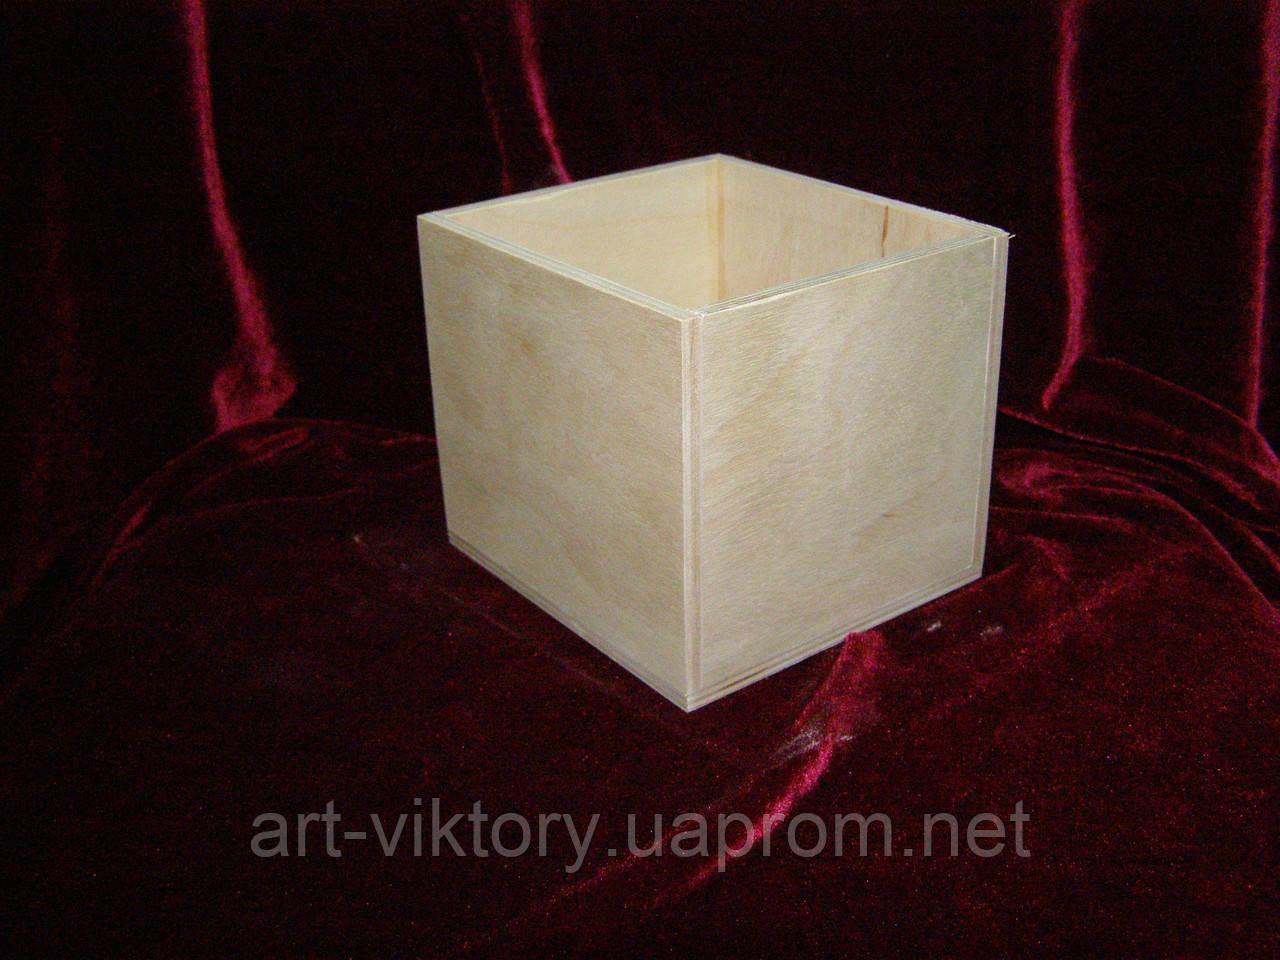 Короб (11,5 х 12,5 х 10,5 см)